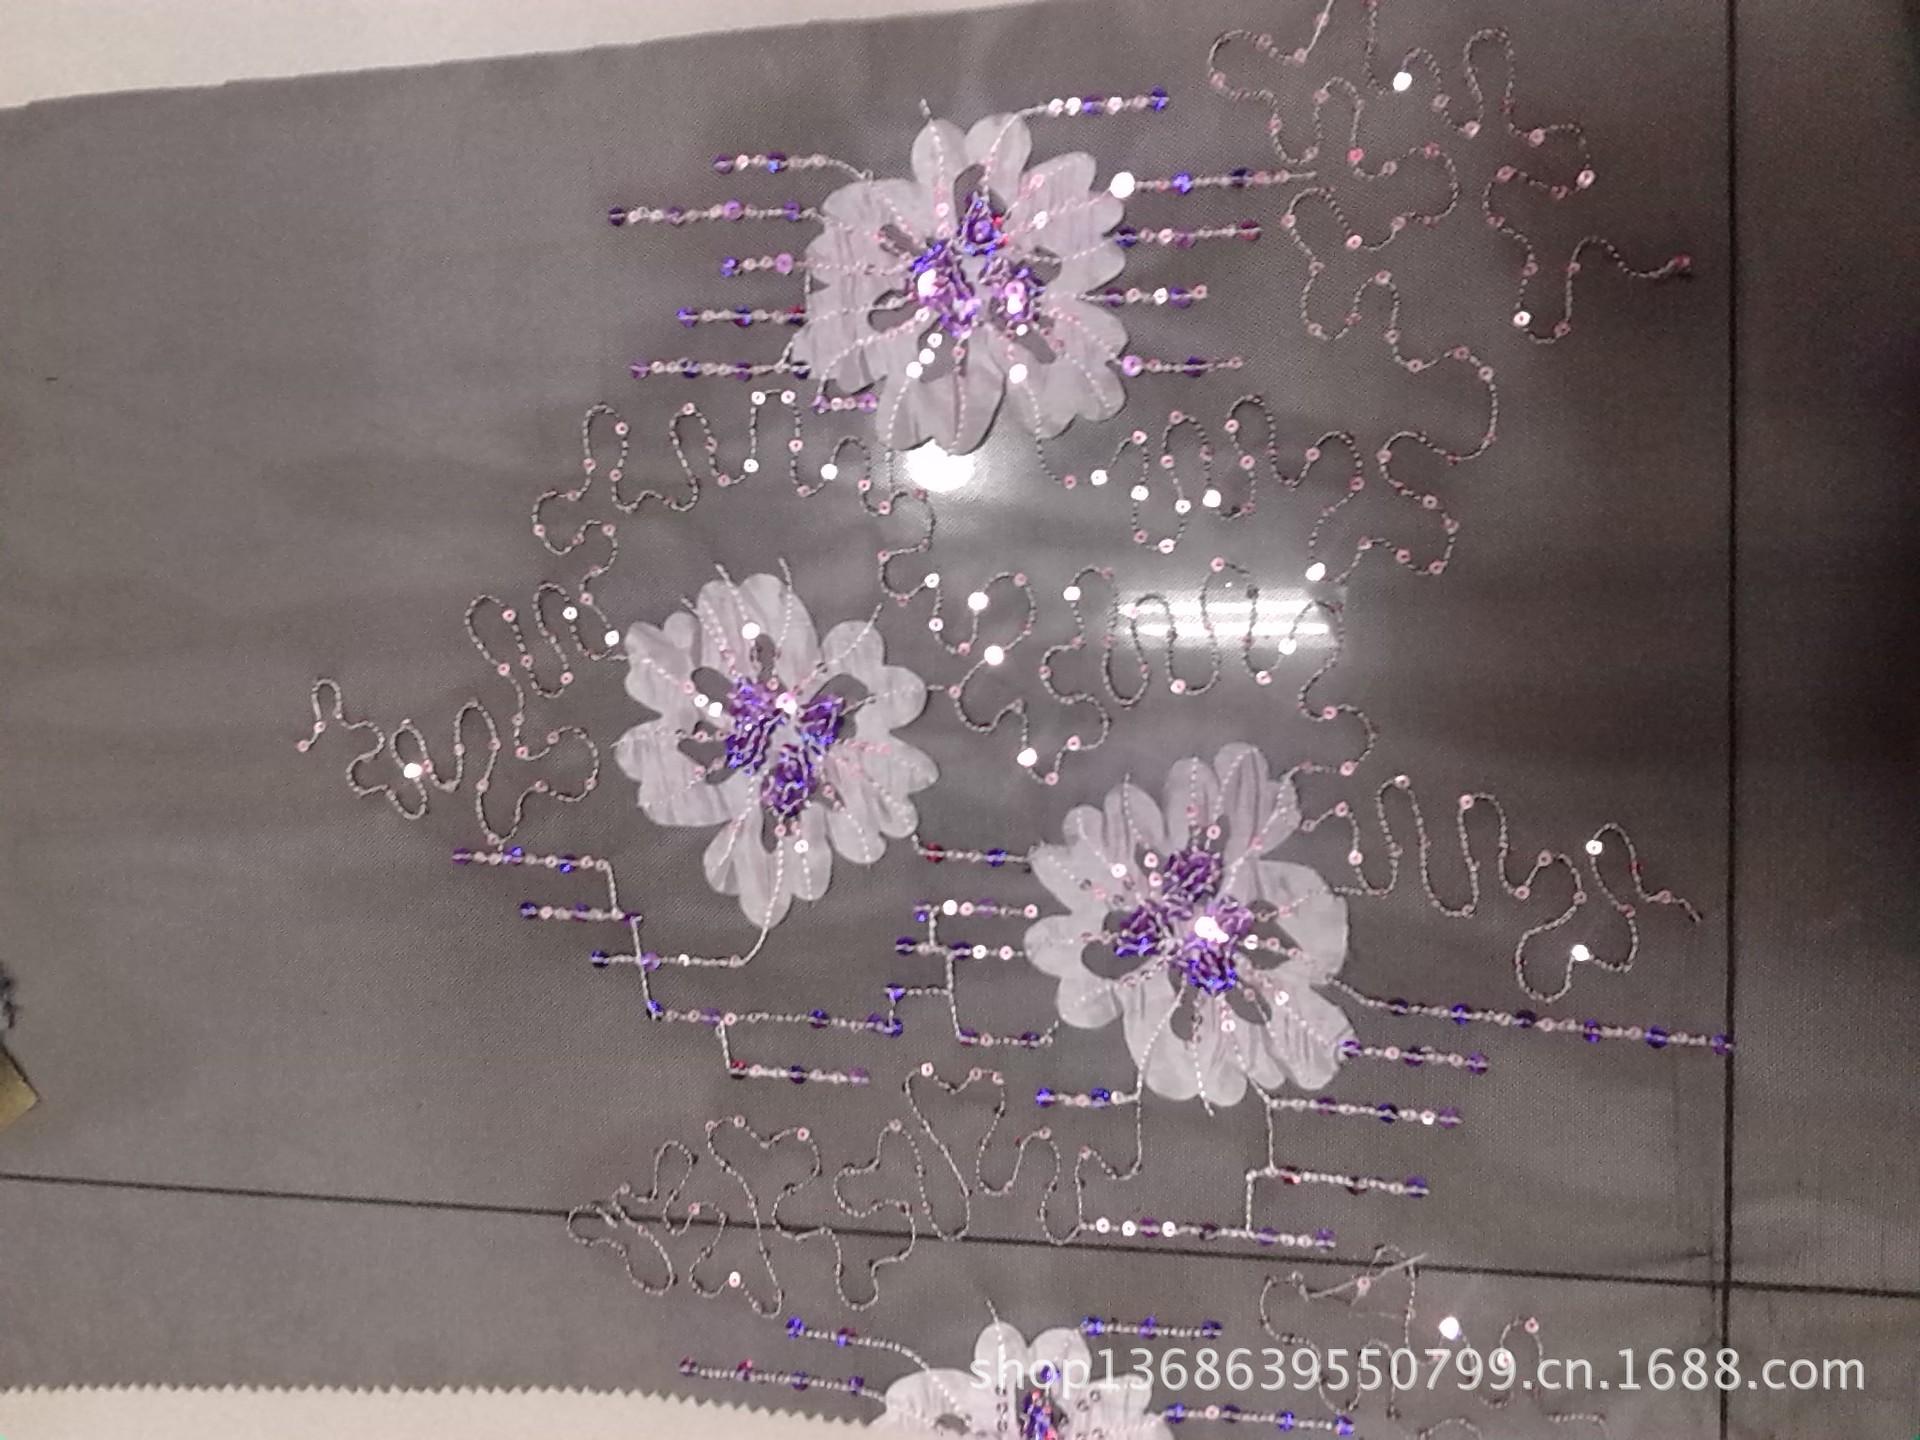 台装面料 涤纶锦纶网纱绣花 双边定位花型 49y py10-0811